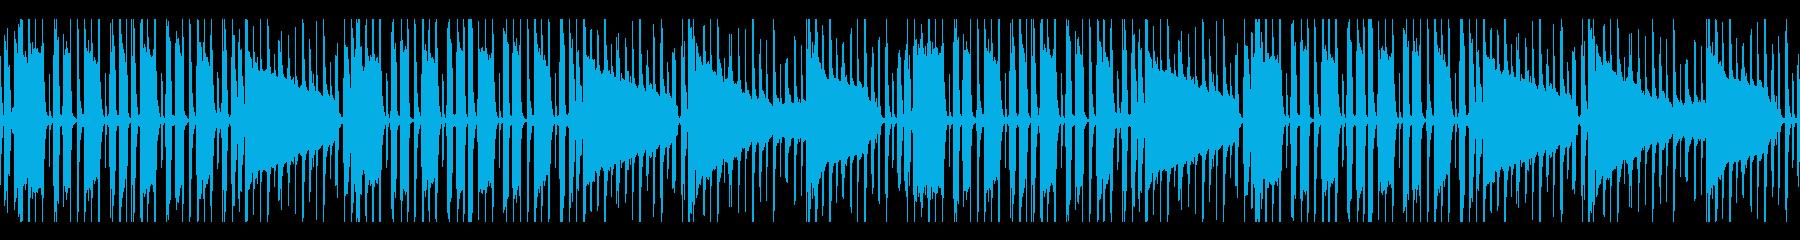 ドライな質感のベース&ドラムのみBGMの再生済みの波形